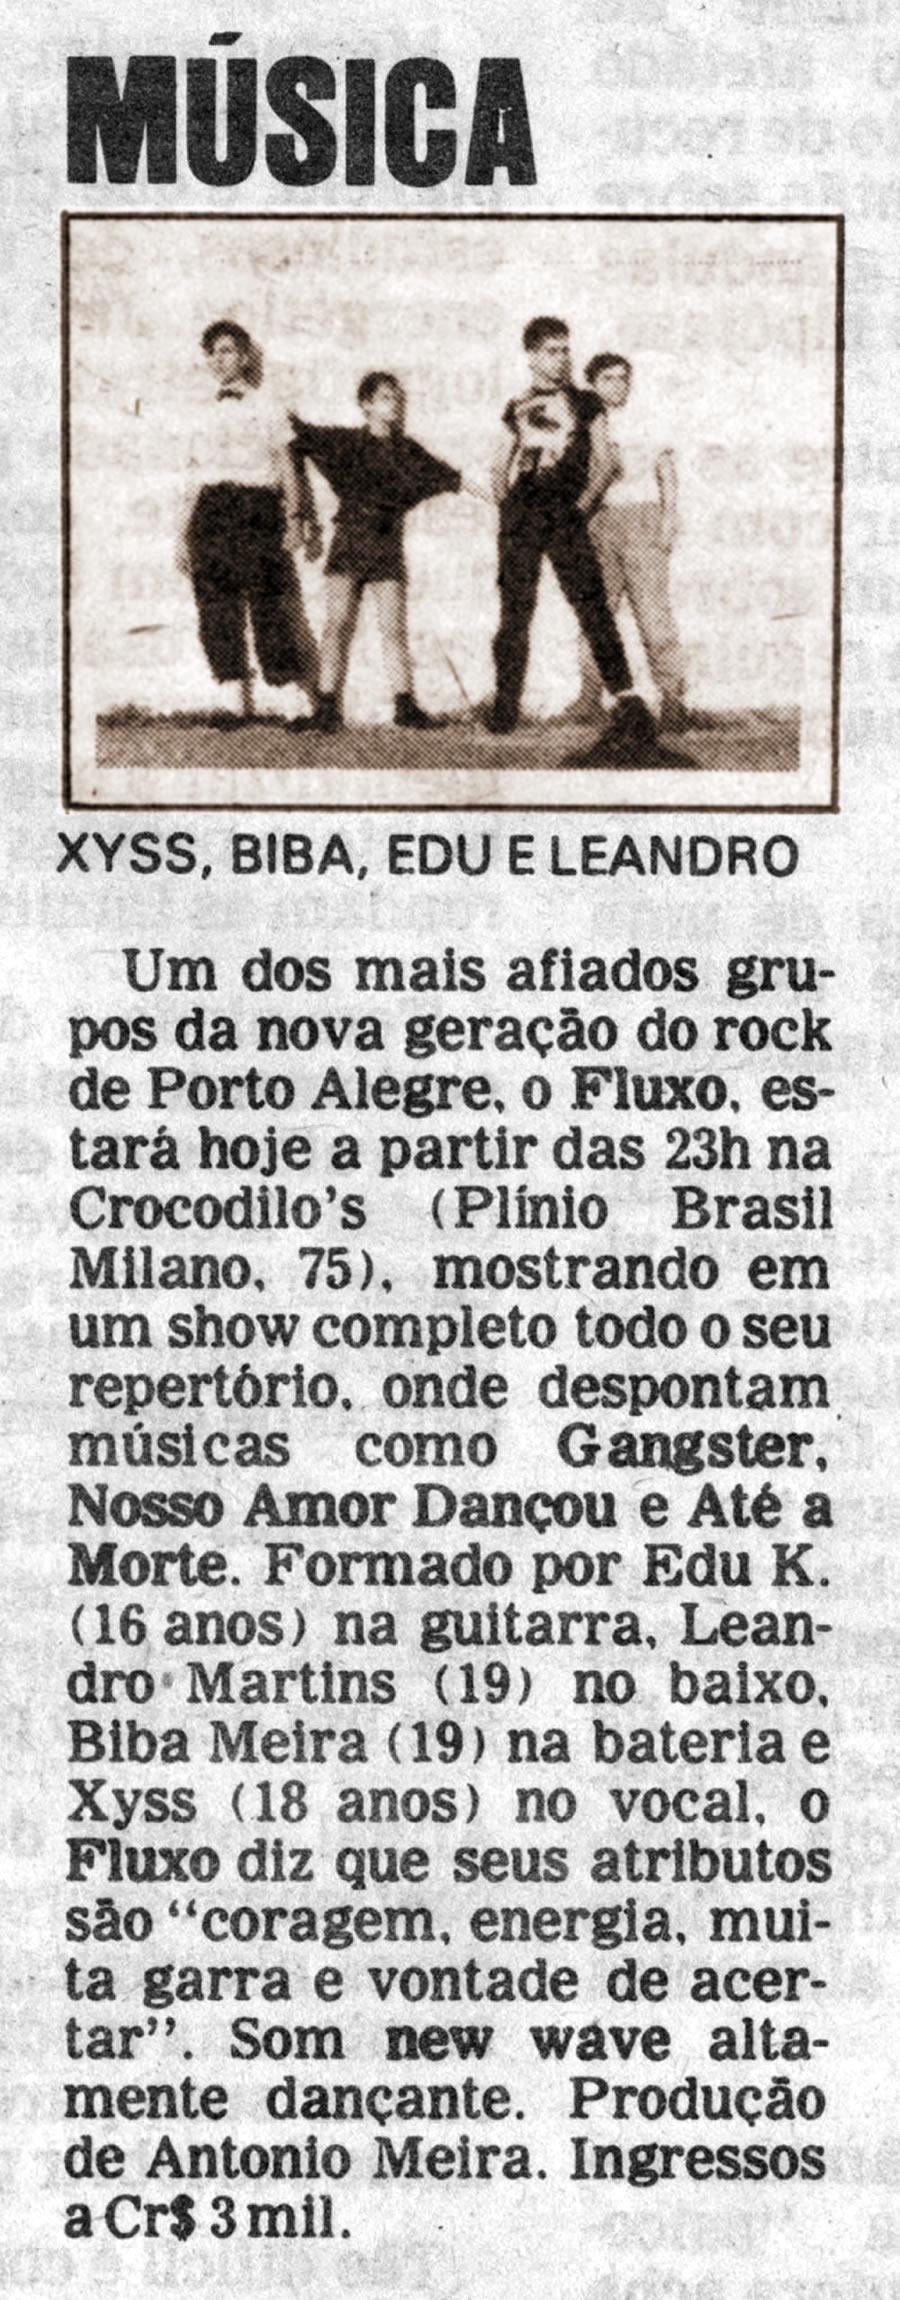 [PRESS] Banda Fluxo: a nova geração do rock de Porto Alegre